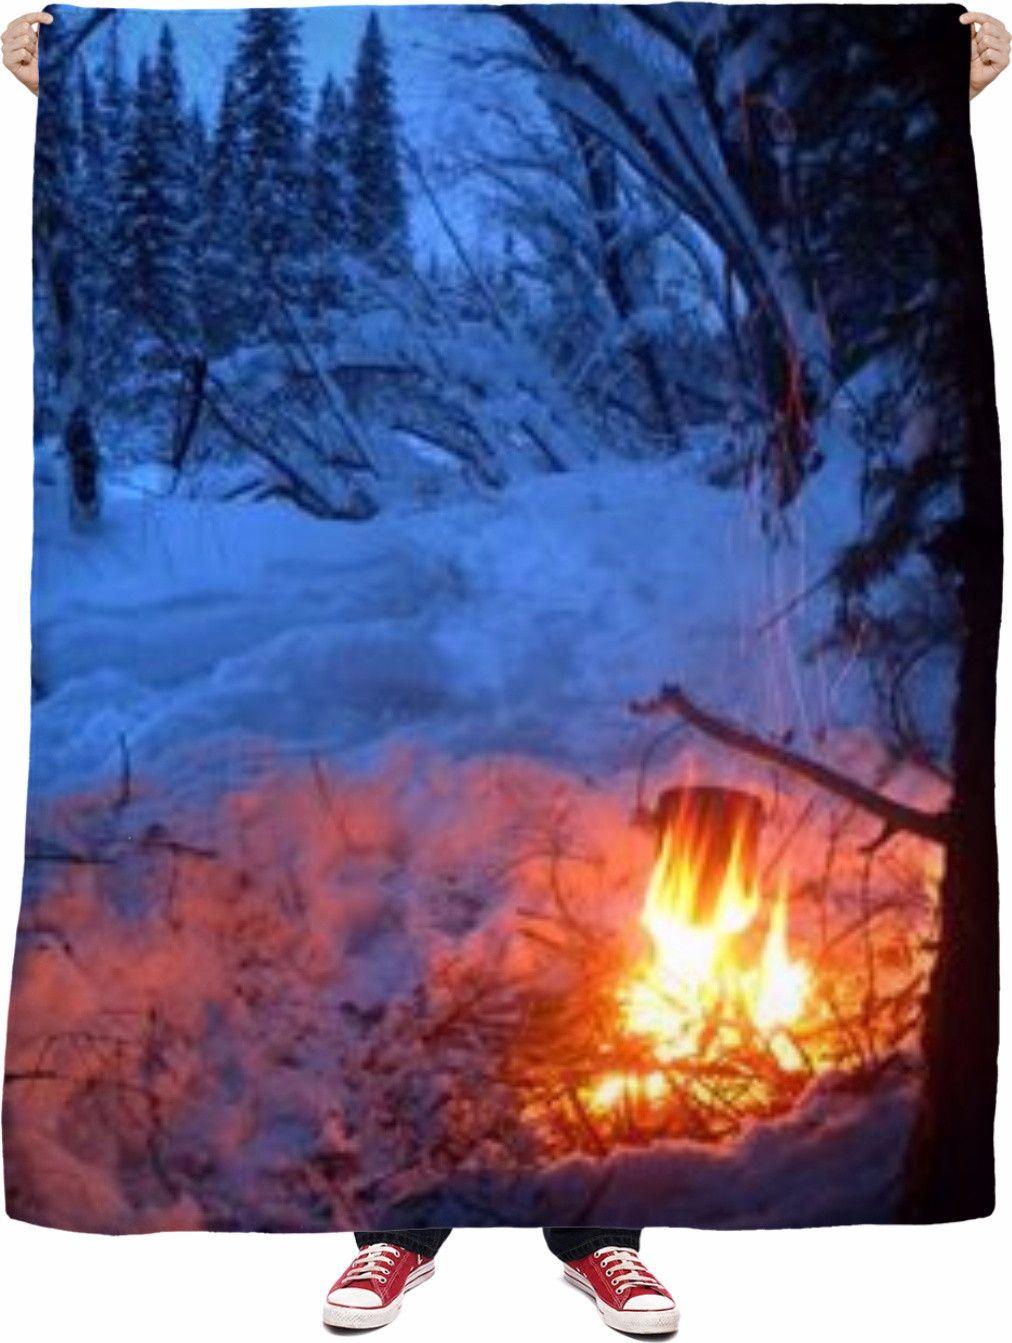 A Winter fire place Winterbilder, Winterlandschaft und